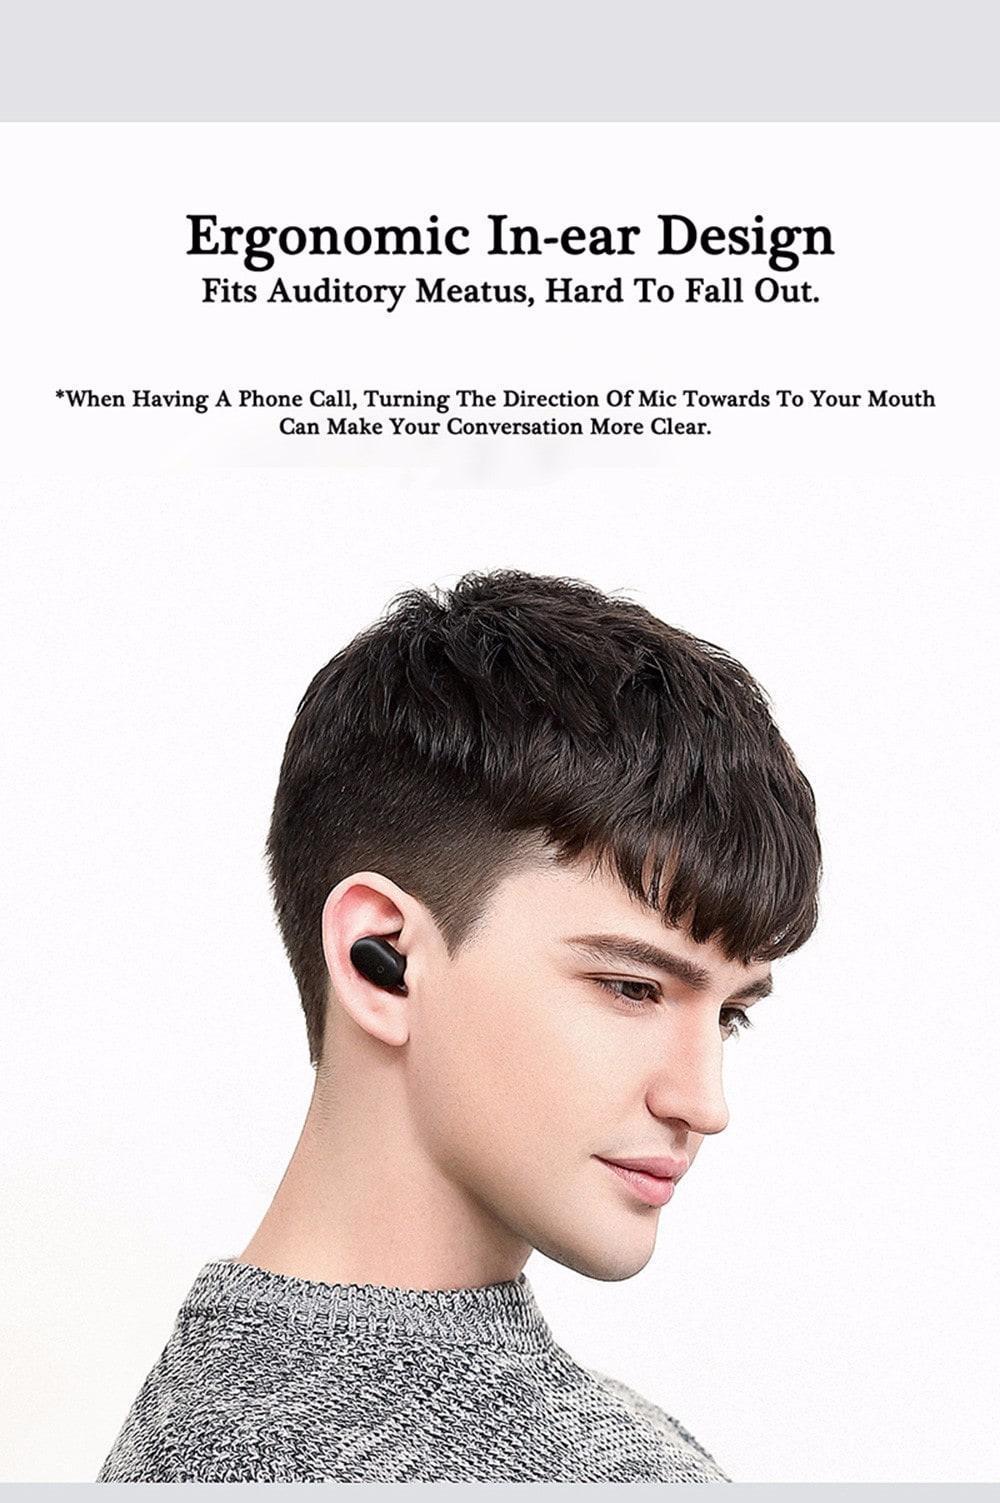 Original Xiaomi LYEJ05LM Mini In-ear Single Bluetooth Earphone Wireless Ultralight IPX4 Waterproof Earbud with Magnetic Charging- Black